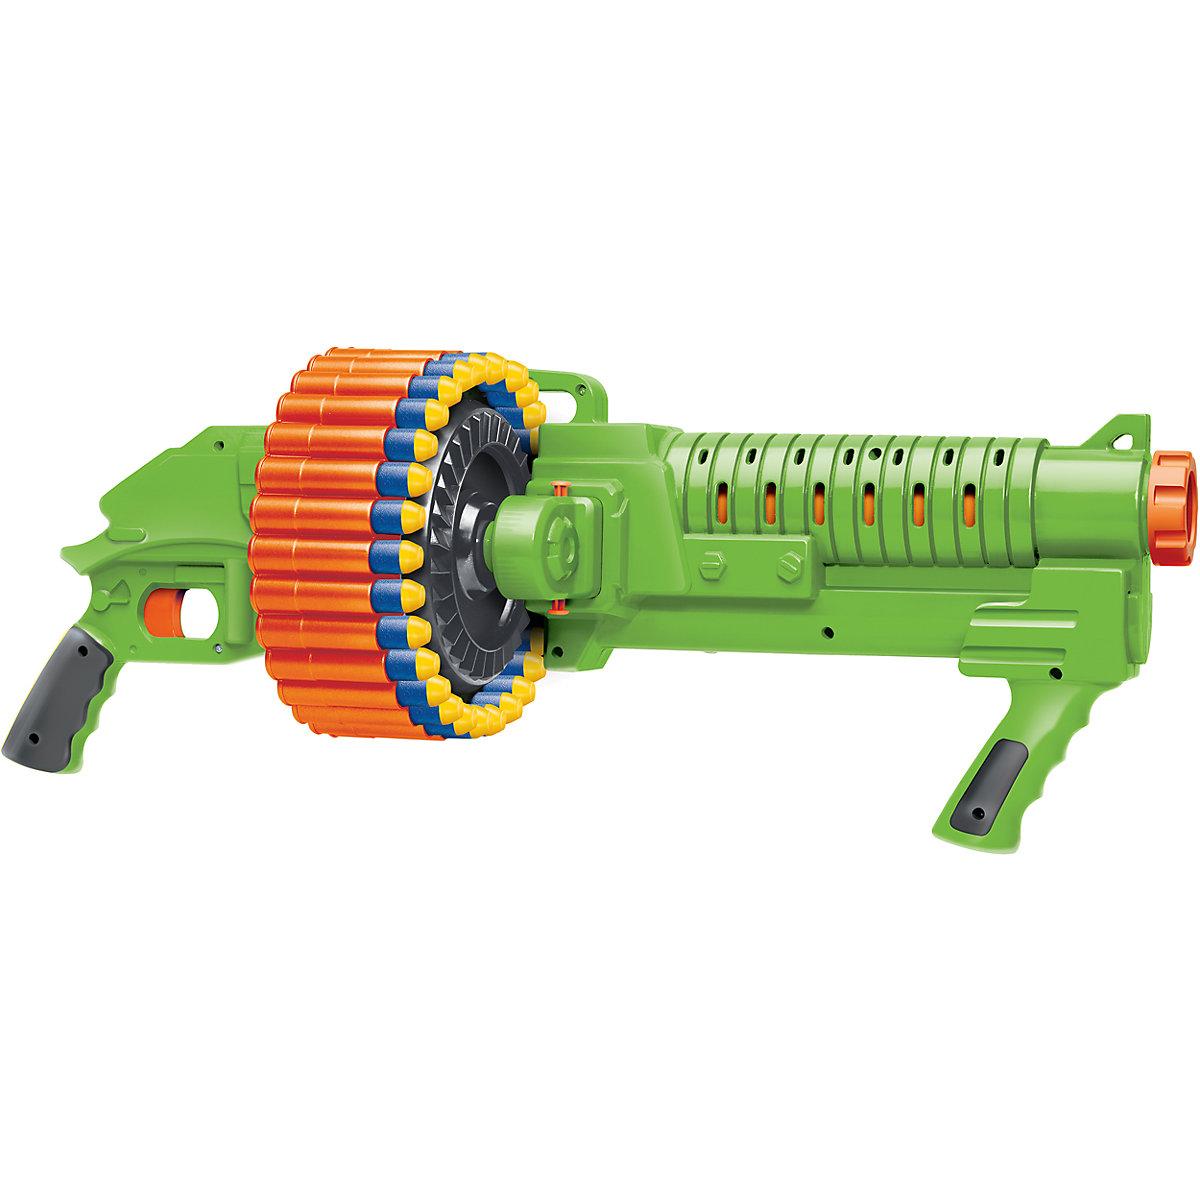 Air Warriors rotační kulomet dětská zbran typu NERF